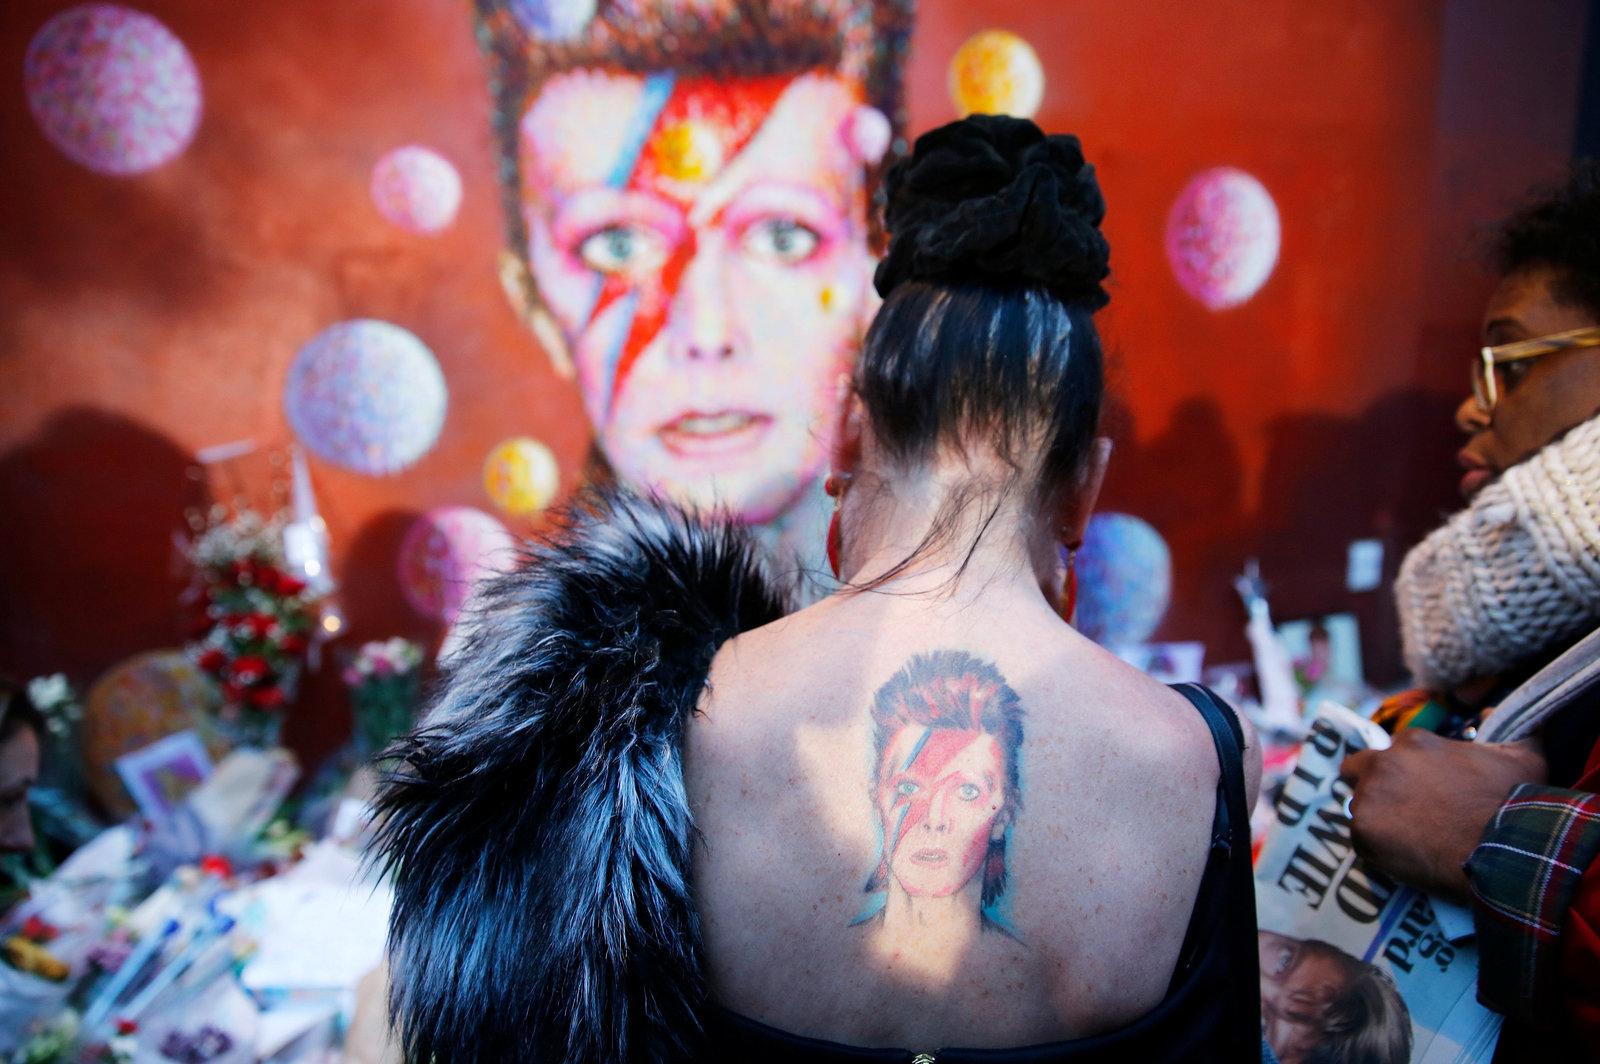 1 月 11 日,支持者站在 David Bowie 的壁畫前,哀悼這位驟然逝世的搖滾巨星。